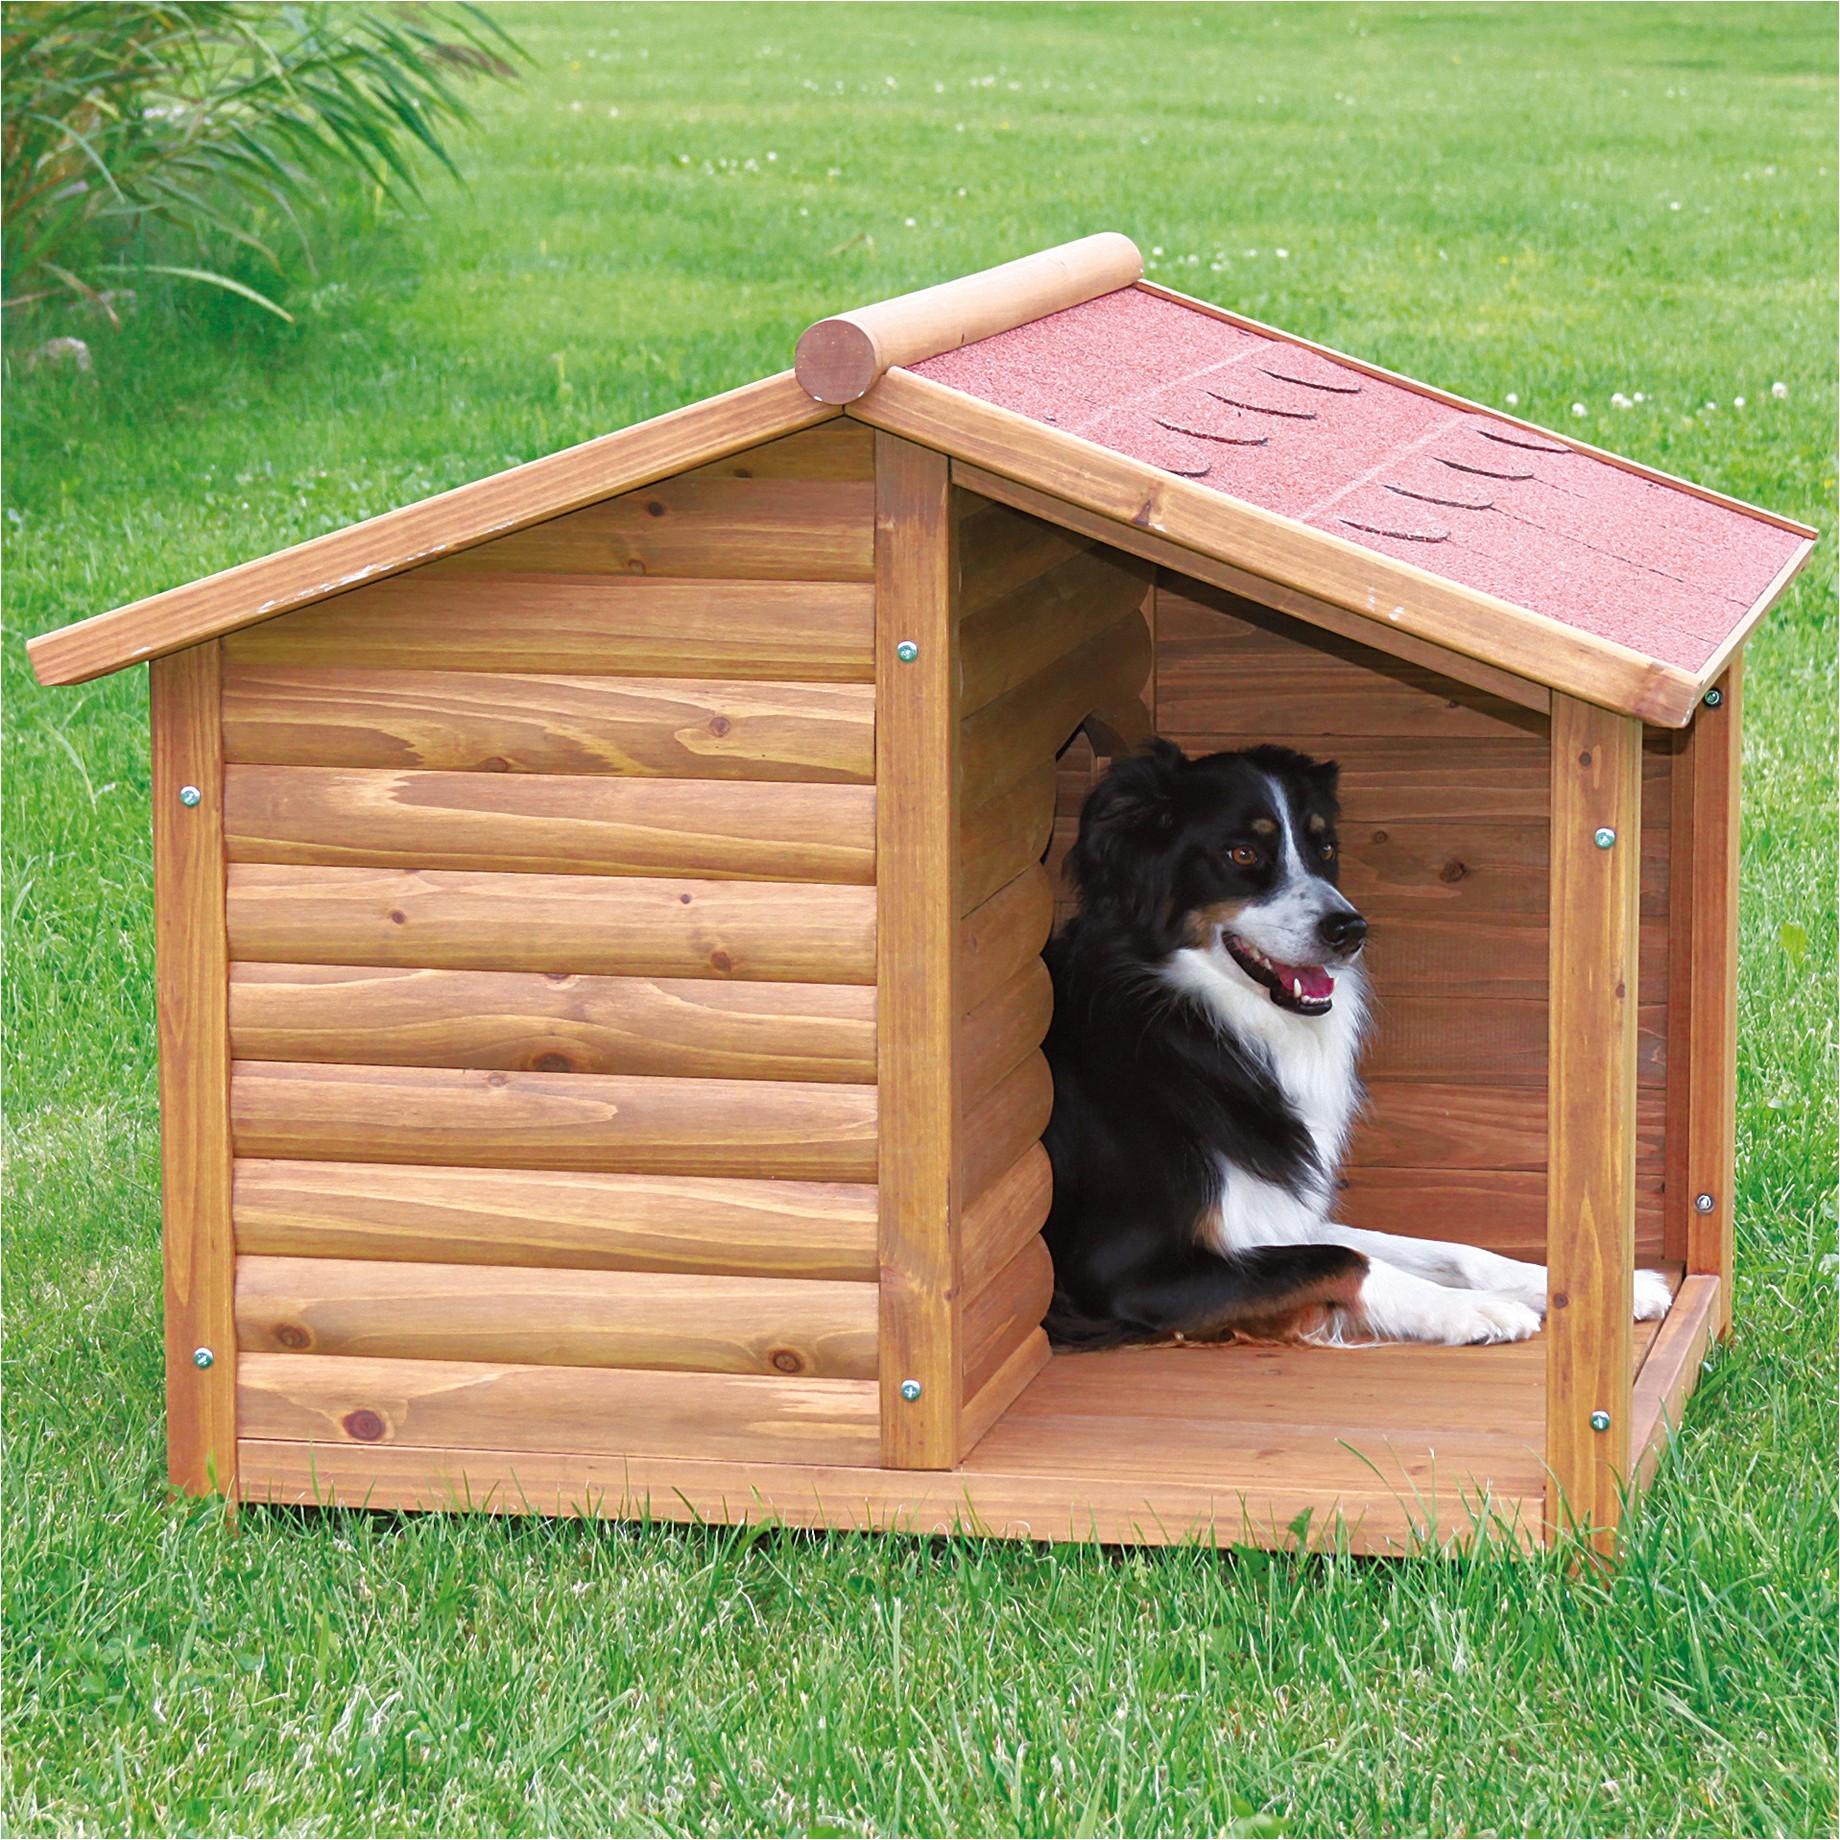 Homemade Dog House Plans Diy Dog House for Beginner Ideas